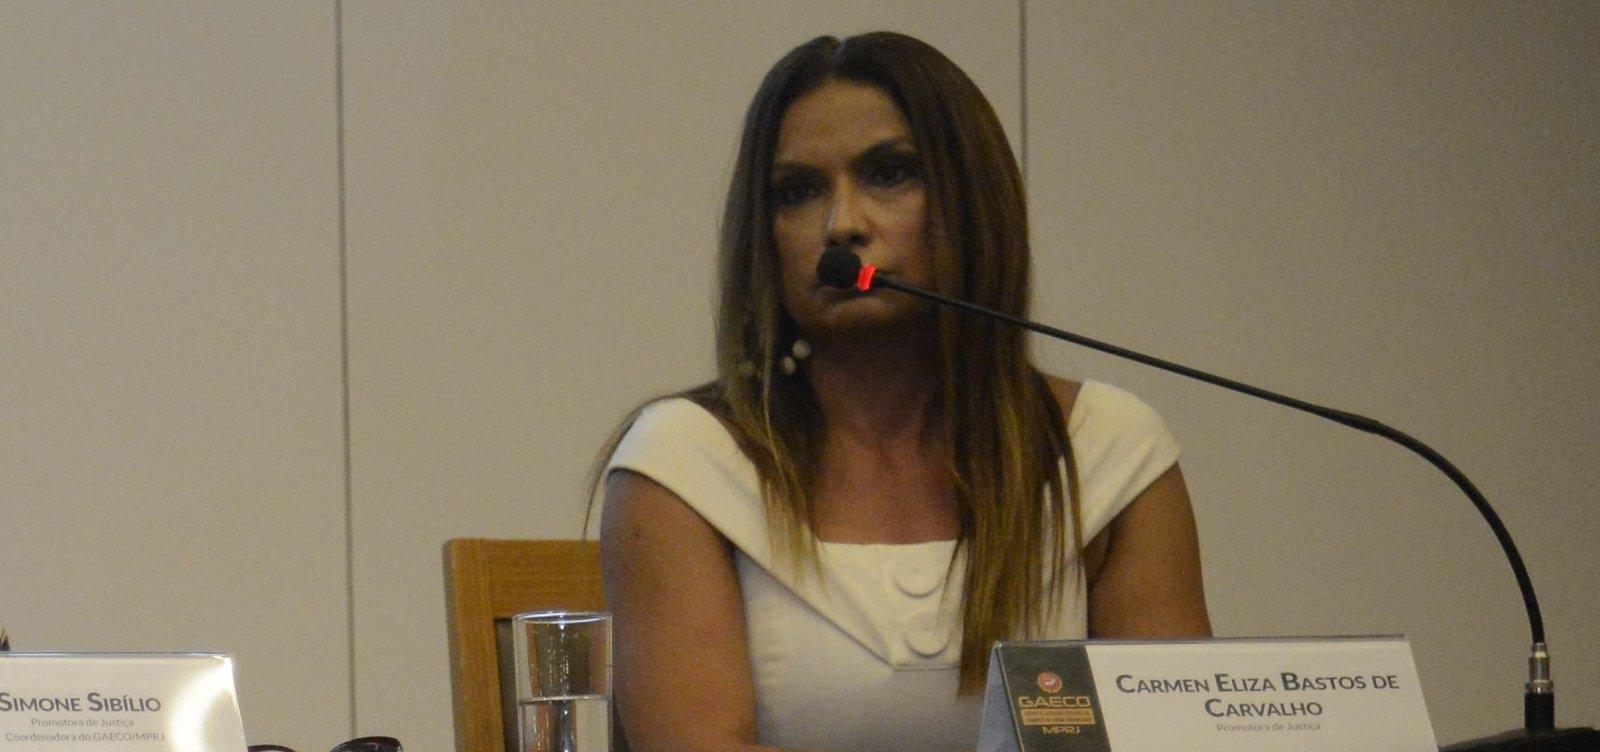 [Promotora bolsonarista é transferida para área responsável por investigações sobre Flávio Bolsonaro]